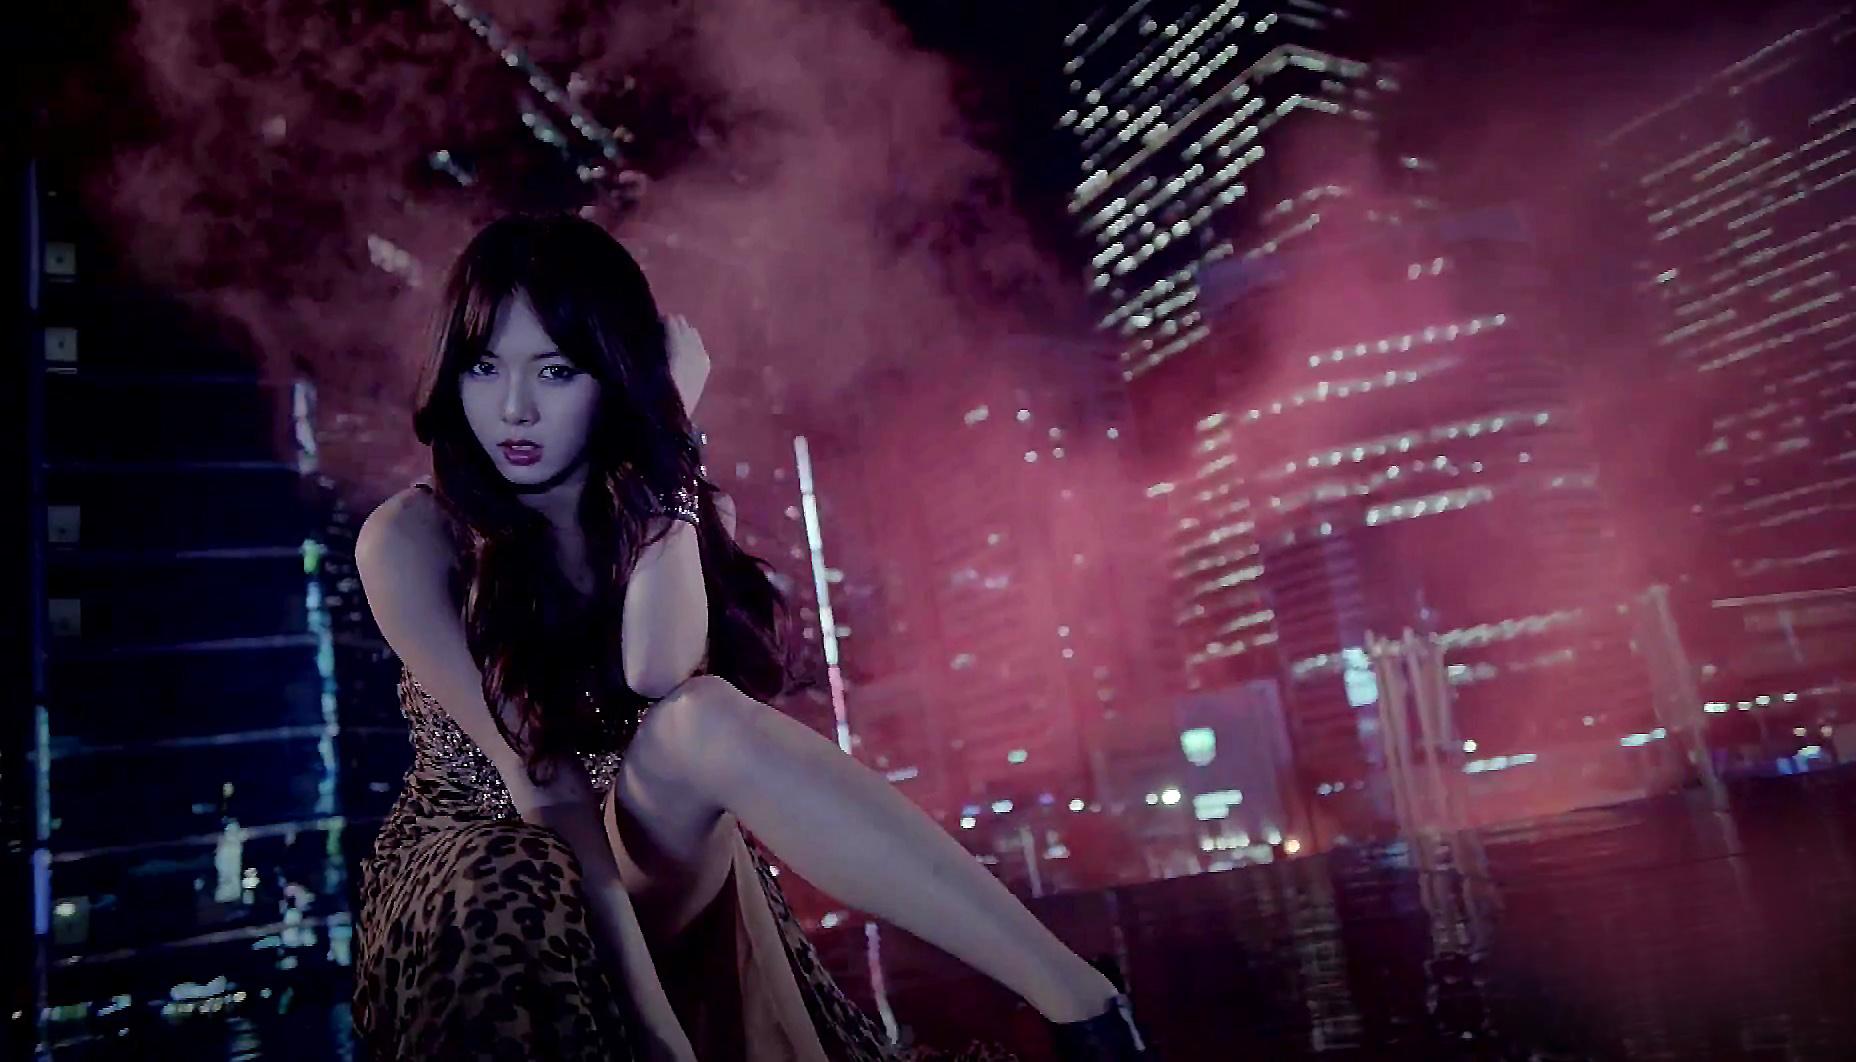 Hyuna - Trouble Maker Wallpaper by fuckyeahKPOP on DeviantArt